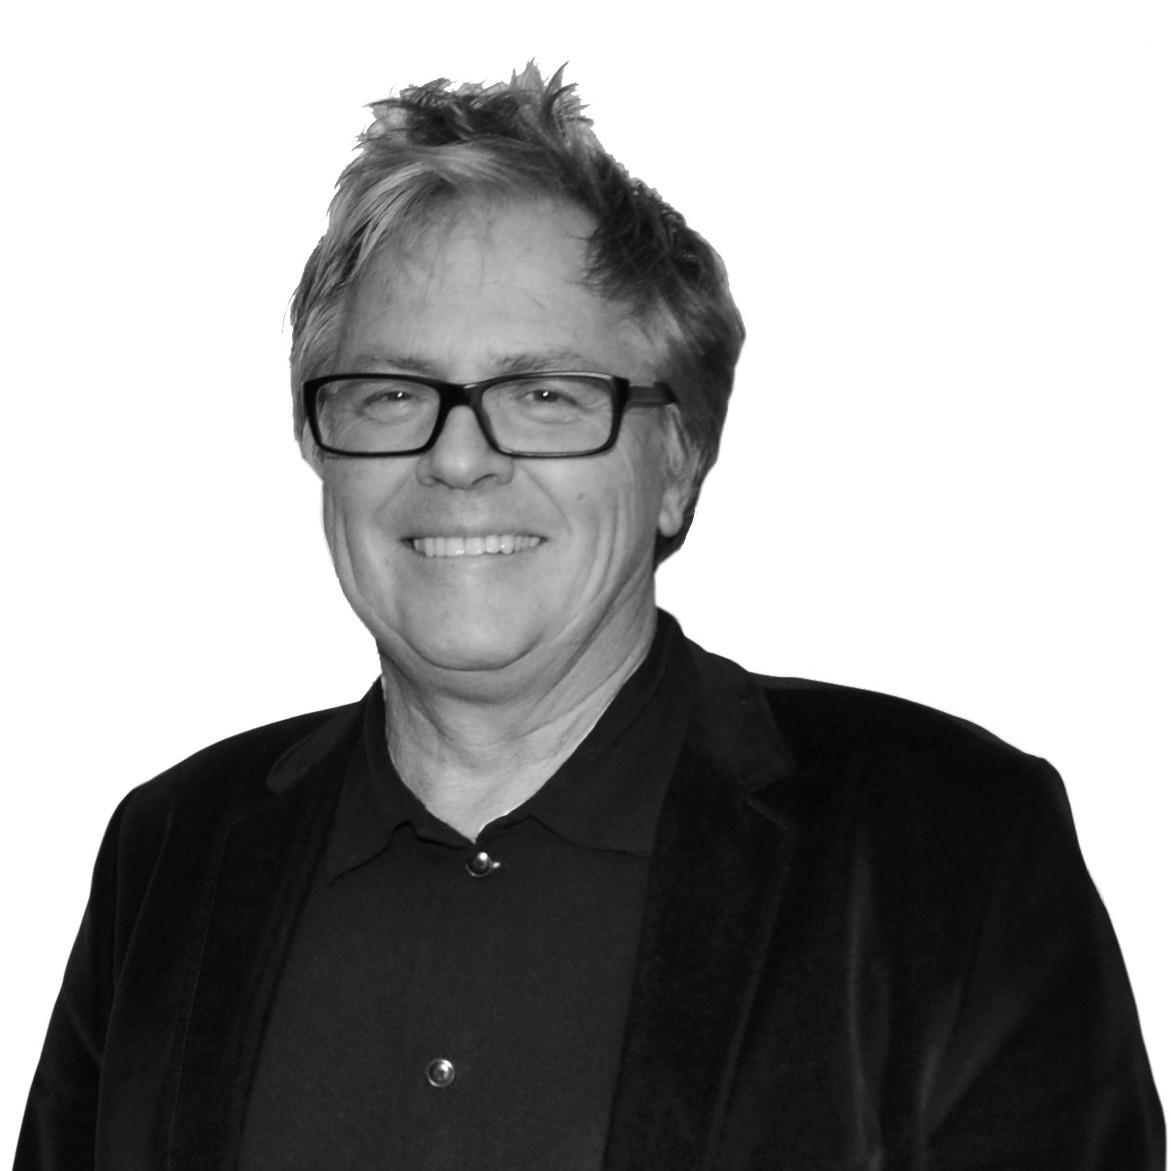 Andreas Weicken